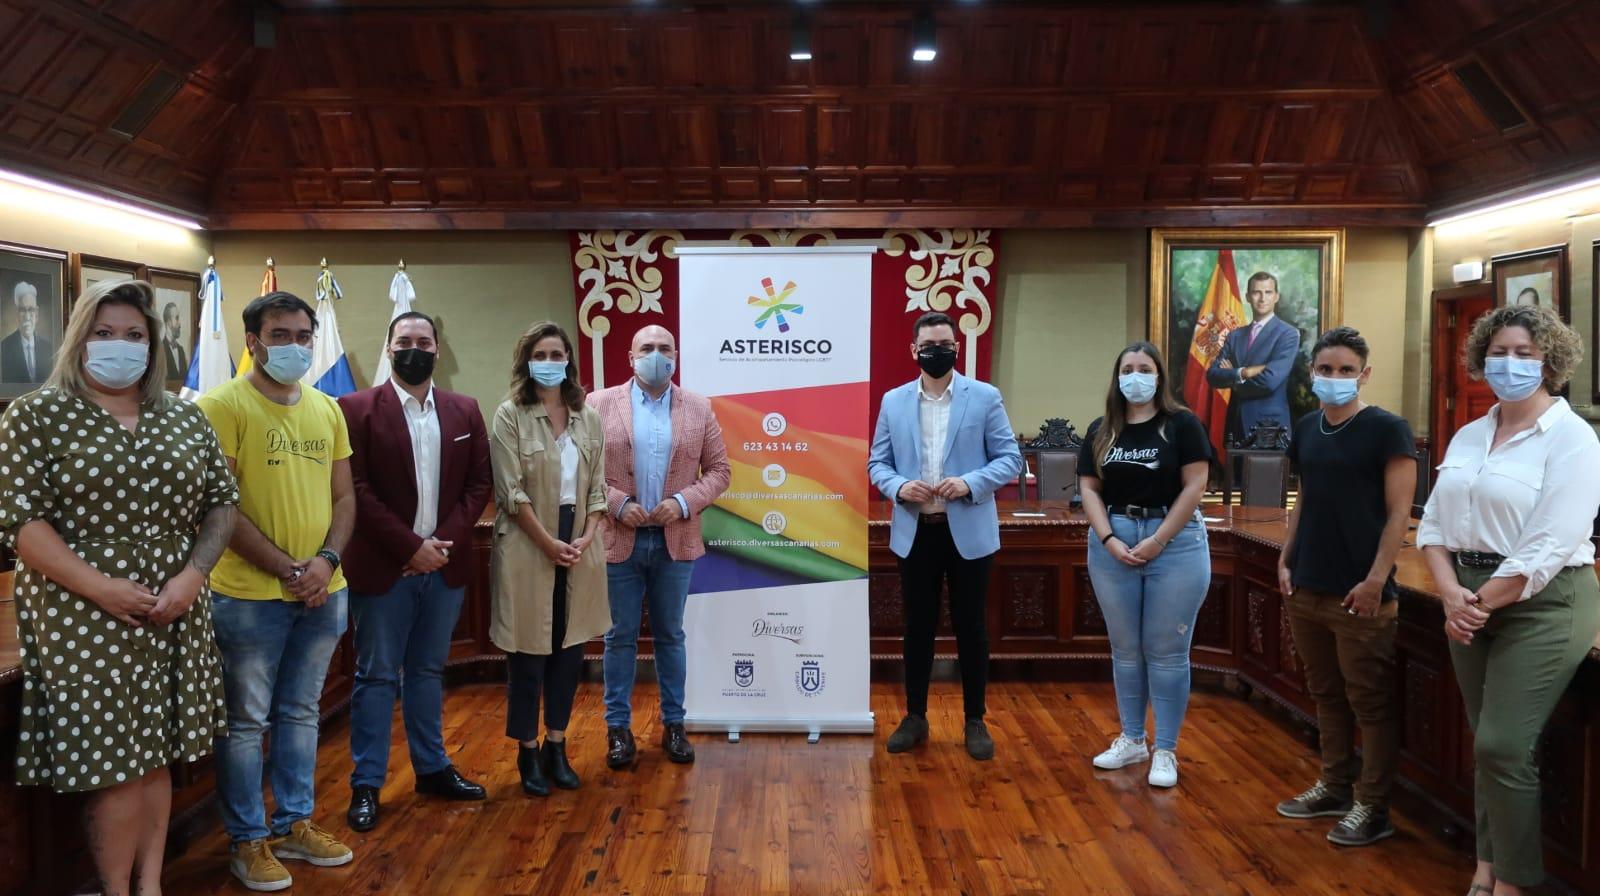 Asterisco, nuevo servicio de acompañamiento psicológico para las personas LGBTI* . Tenerife